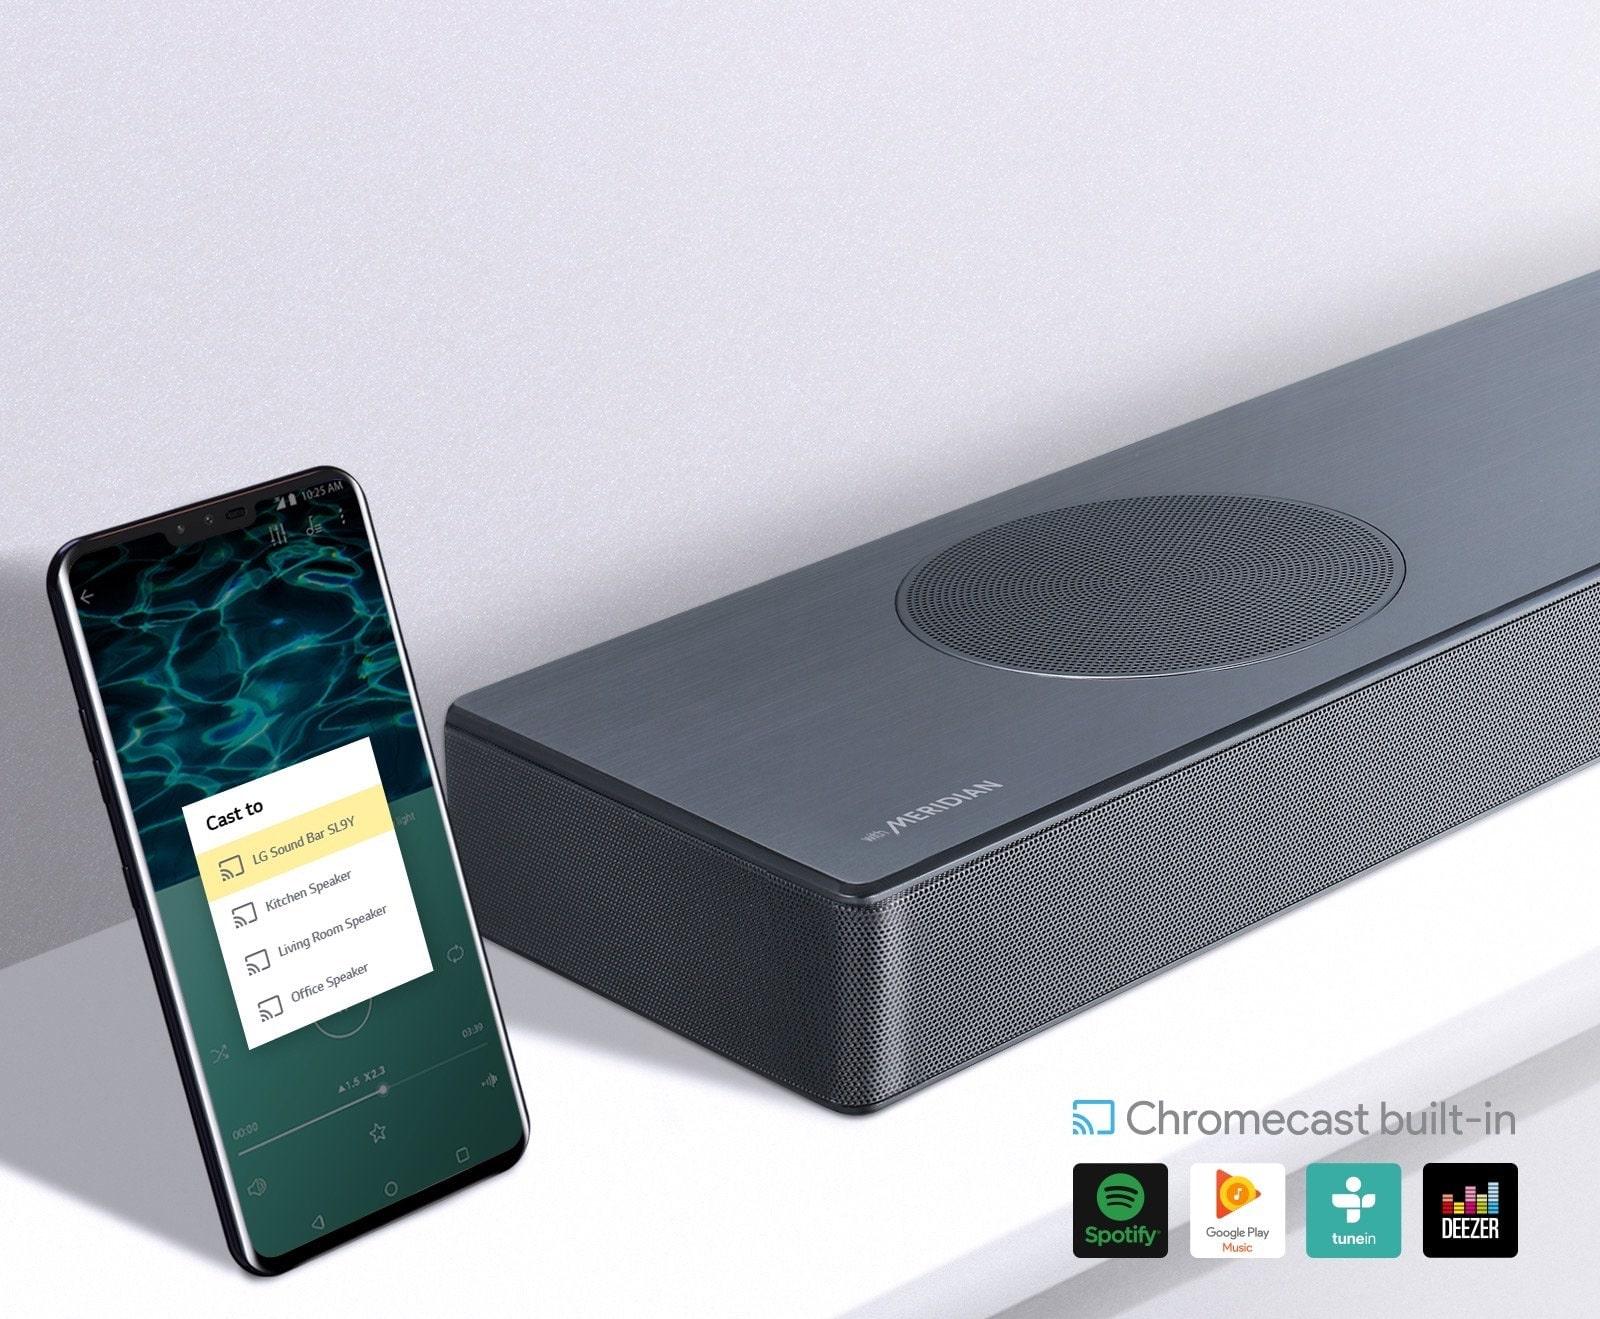 Встроенный Chromecast